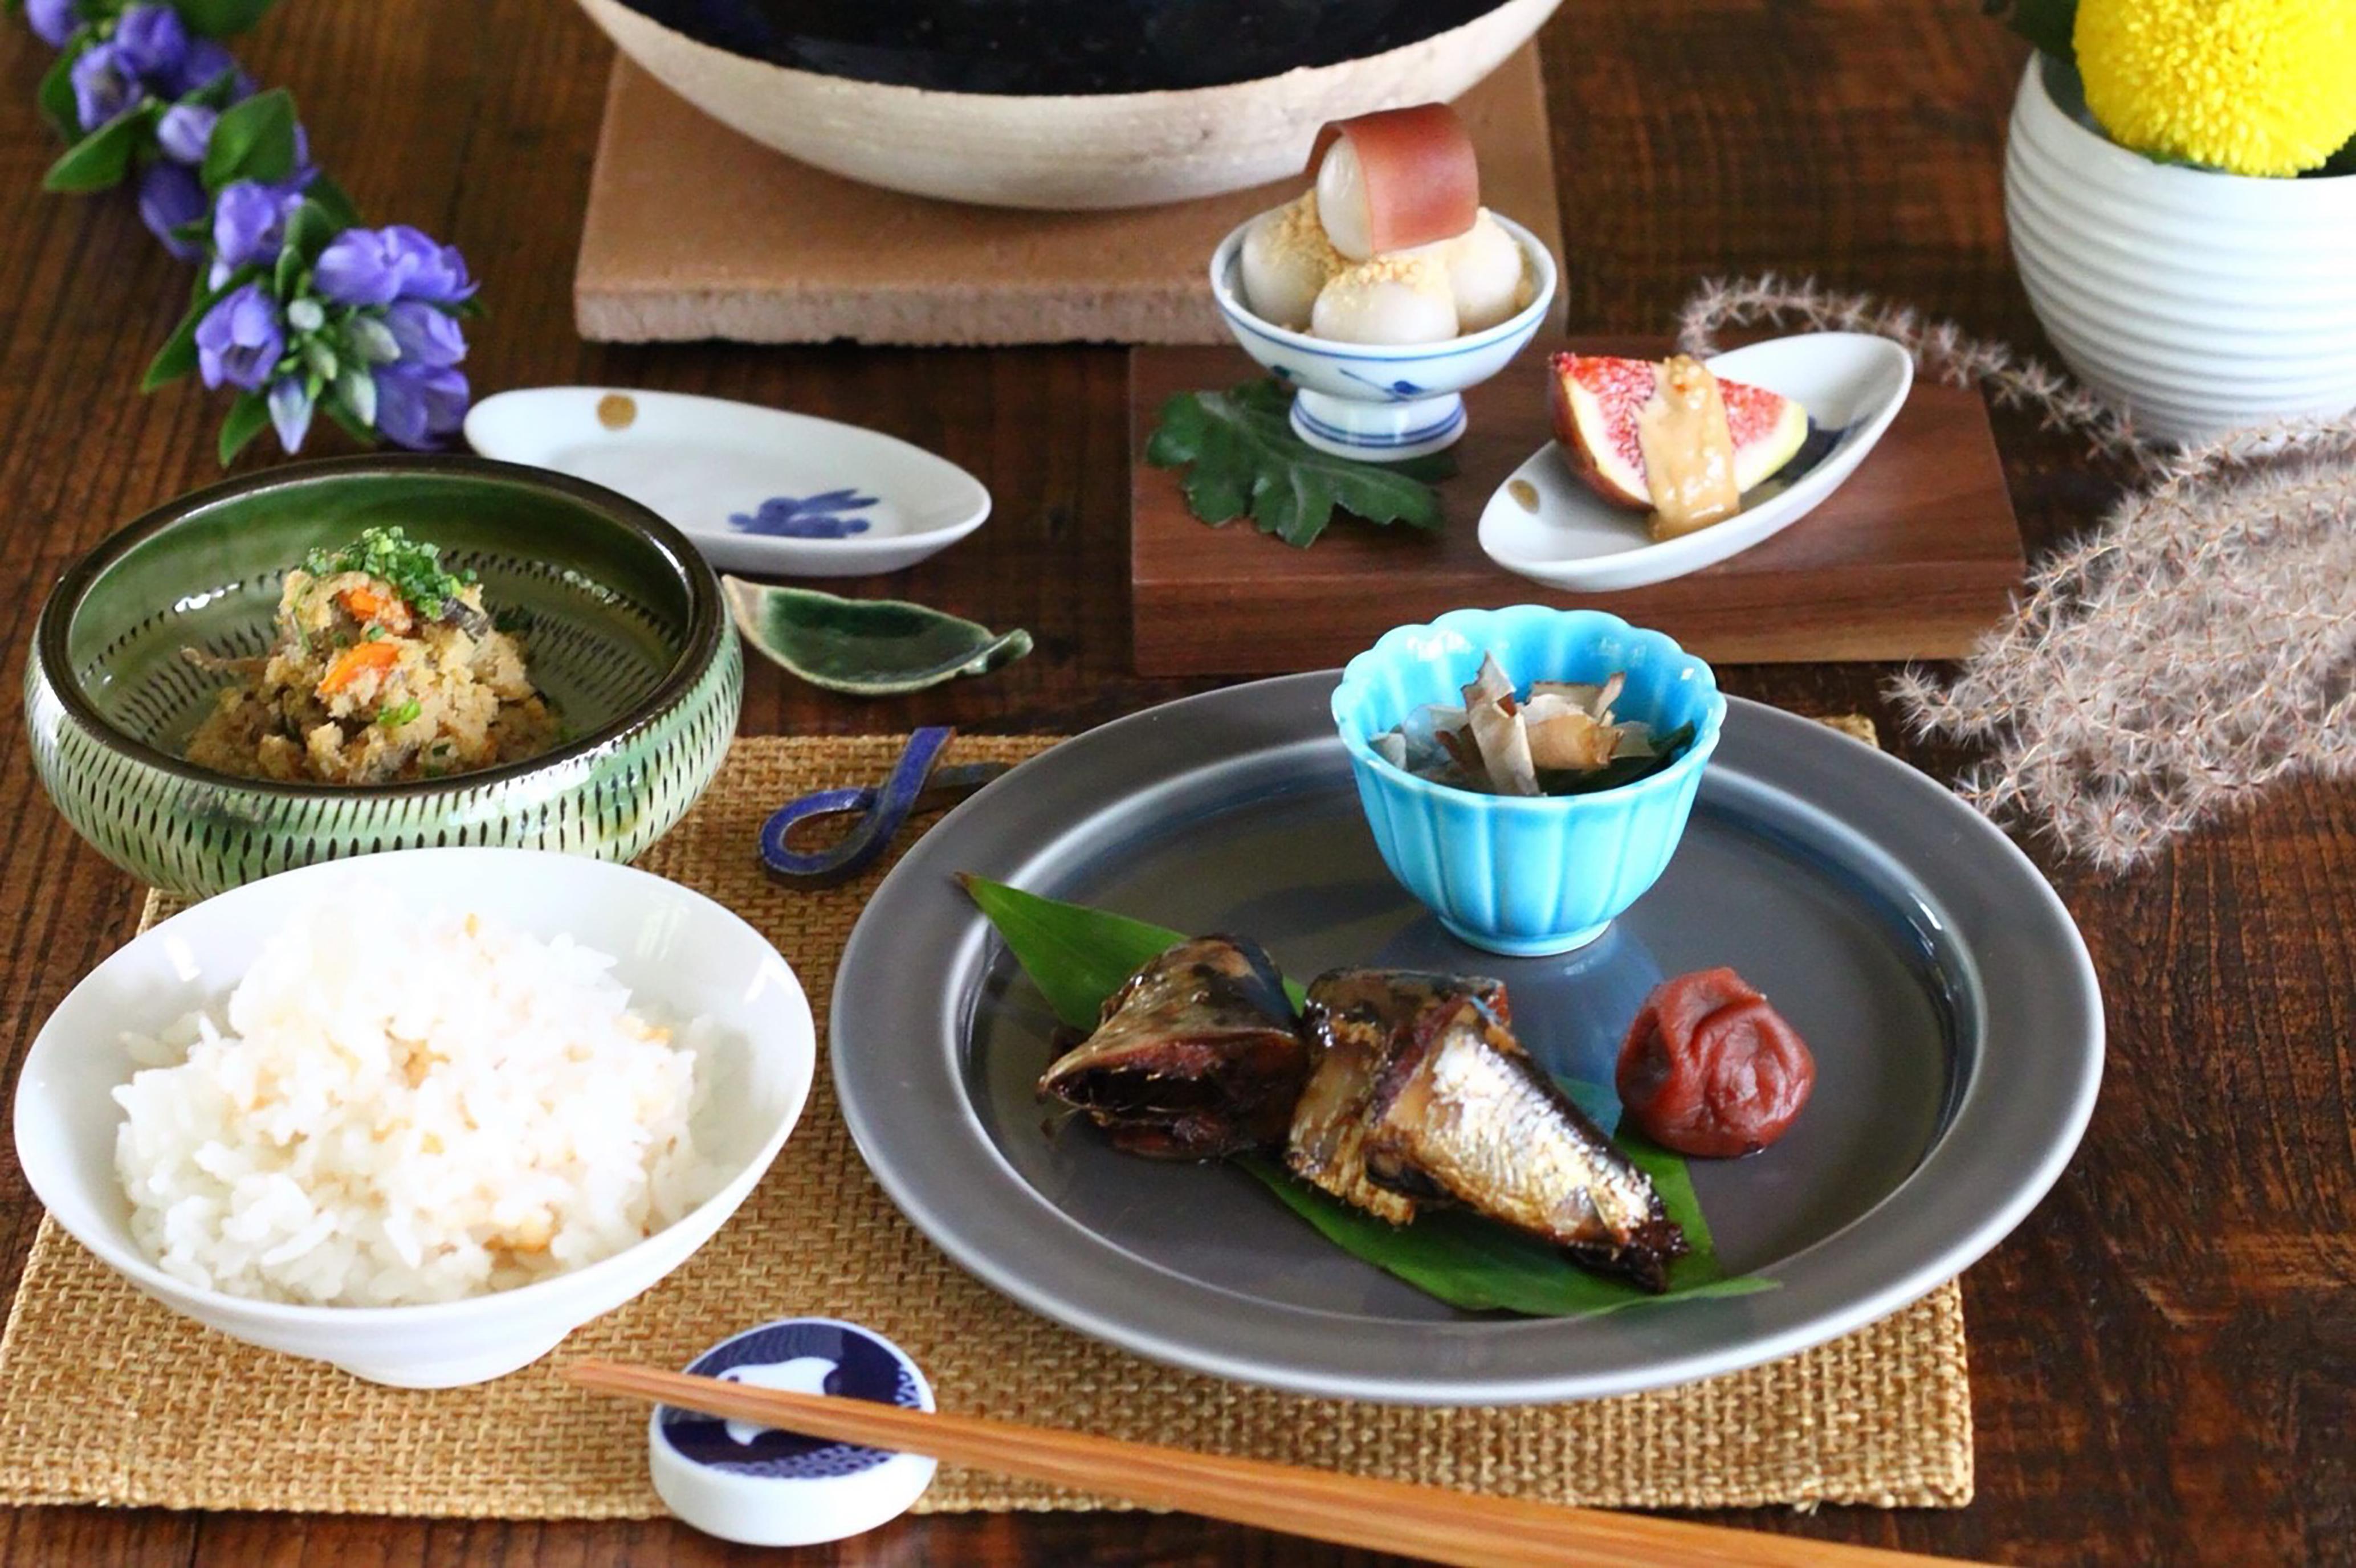 [料理教室]ミニ懐石ランチ ~素材の向こう側が見える食卓に~